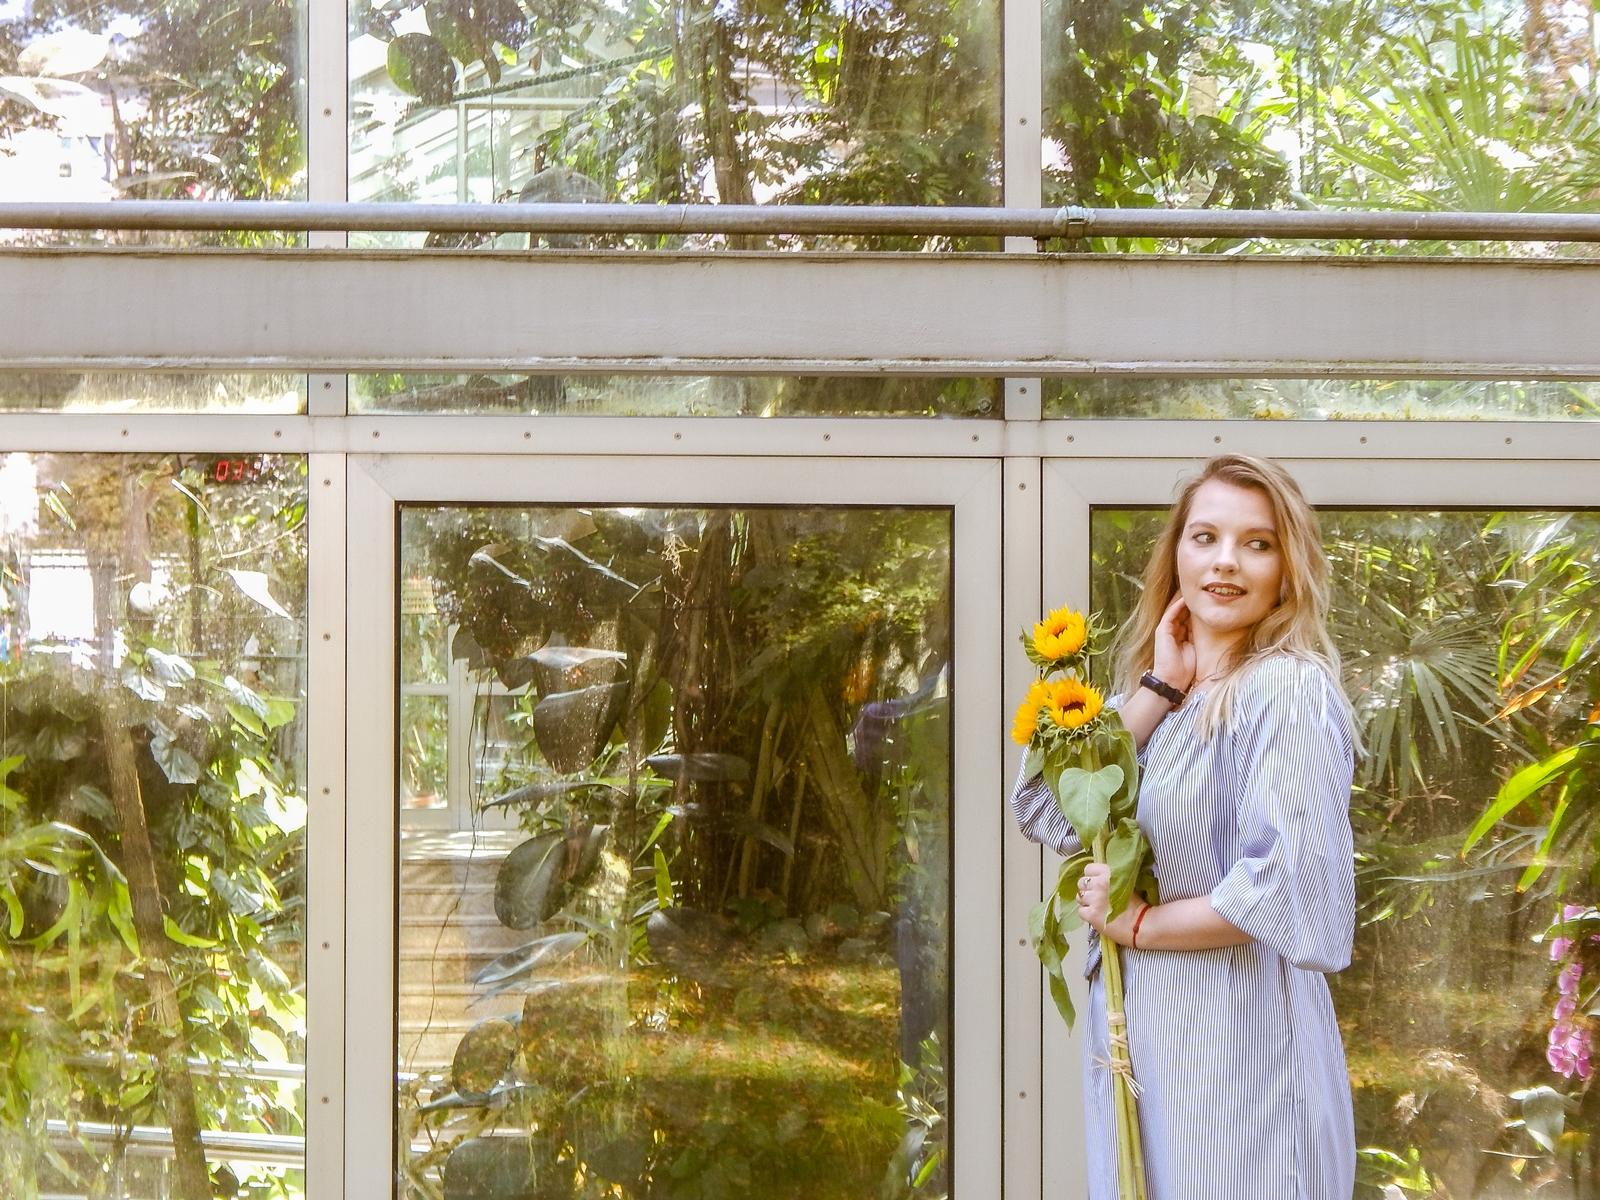 10 stylizacja polskie modowe blogi blogerki z łodzi fashion influencer sukienka w pionowe paski wakacyjna sesja foto melodylaniella słoneczniki szara sukienka w paski opinie o zaful